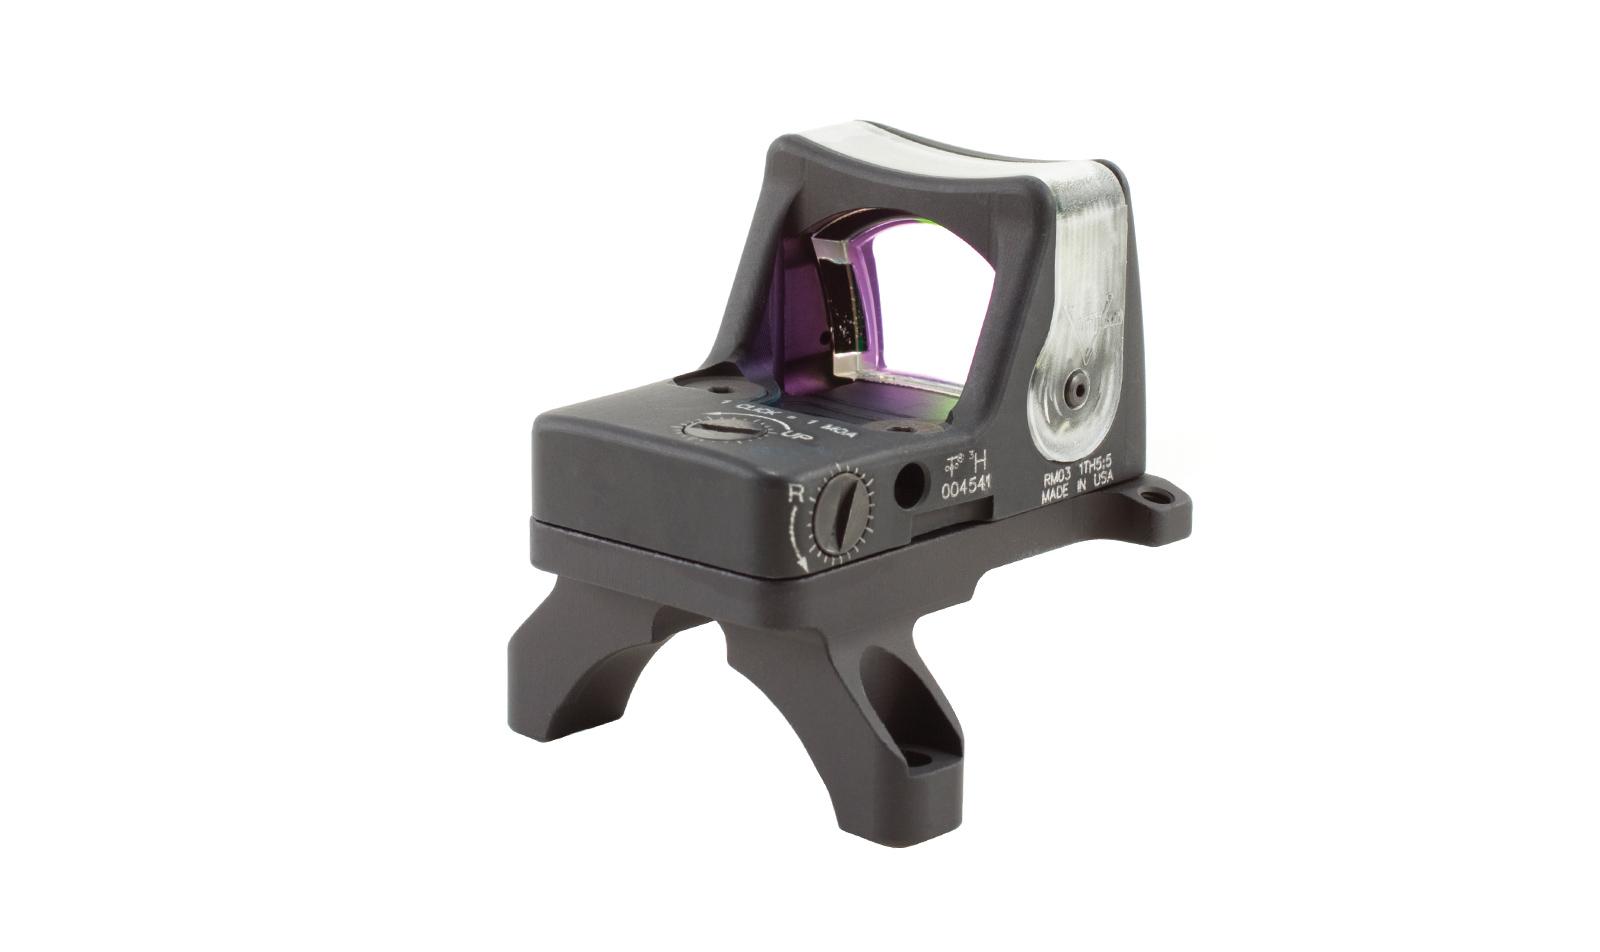 RM05-35 angle 3